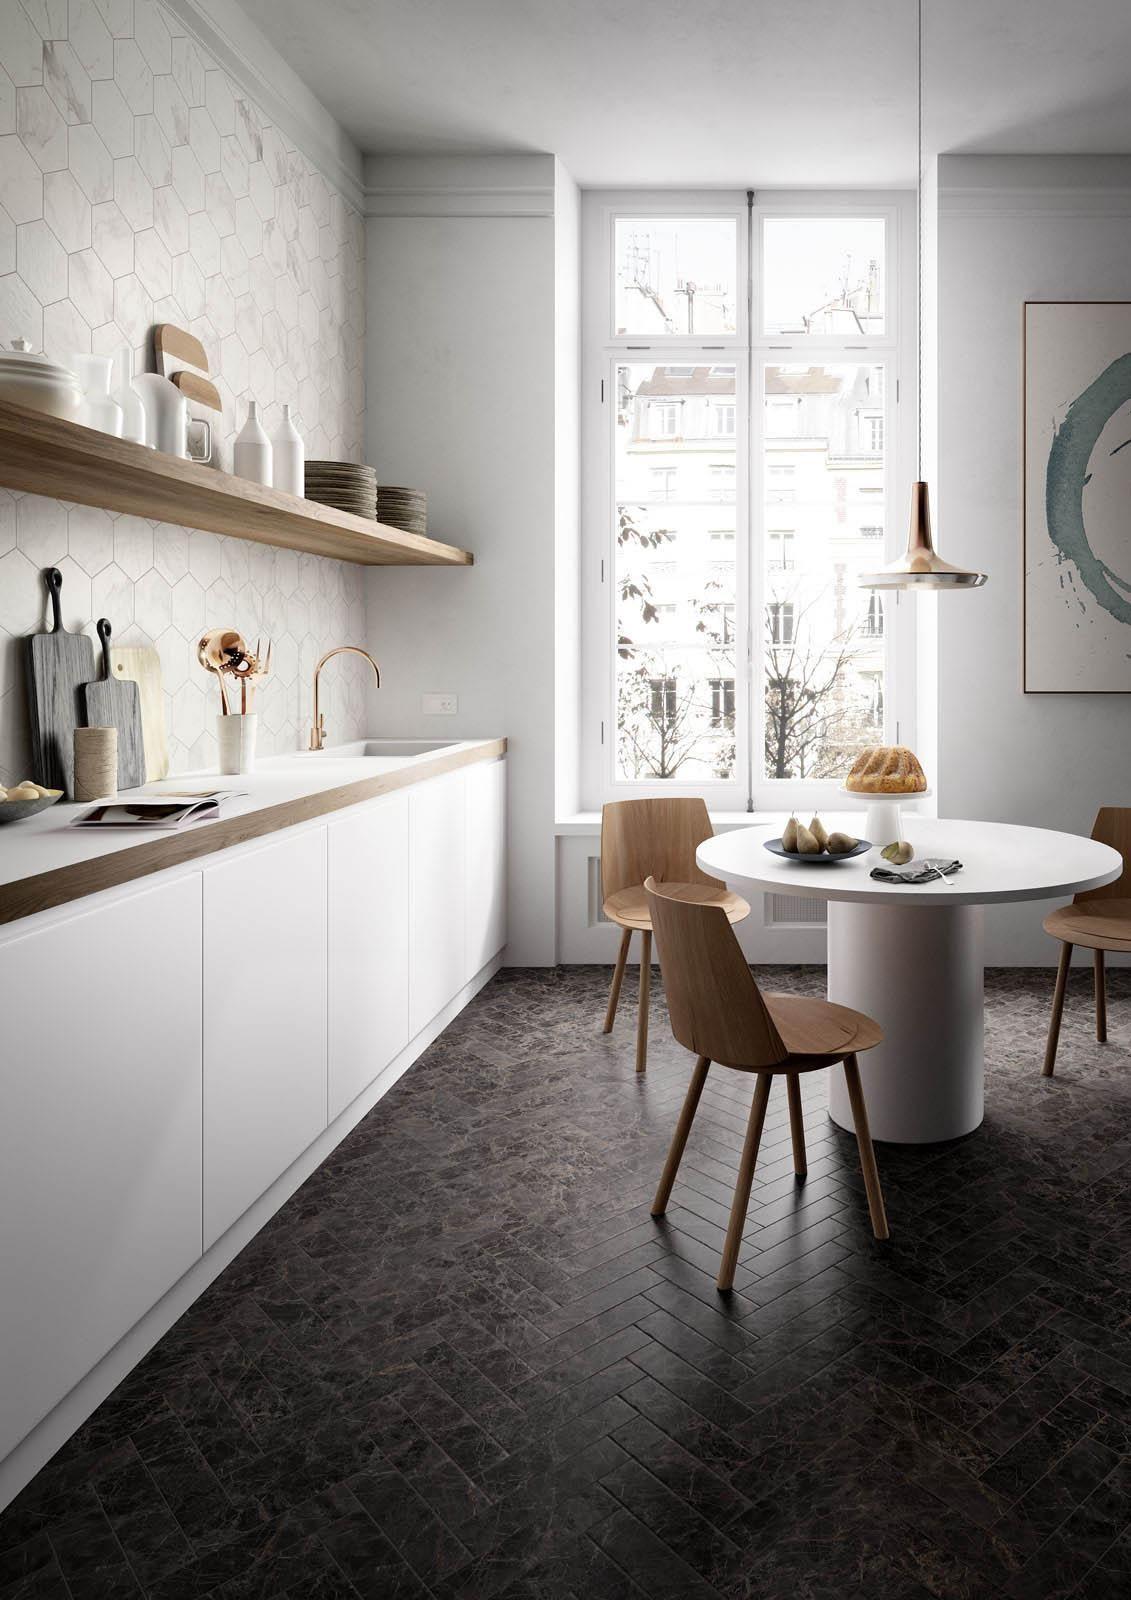 Allmarble  Marmoroptik  Küche  Küche  Pinterest  Fliesen